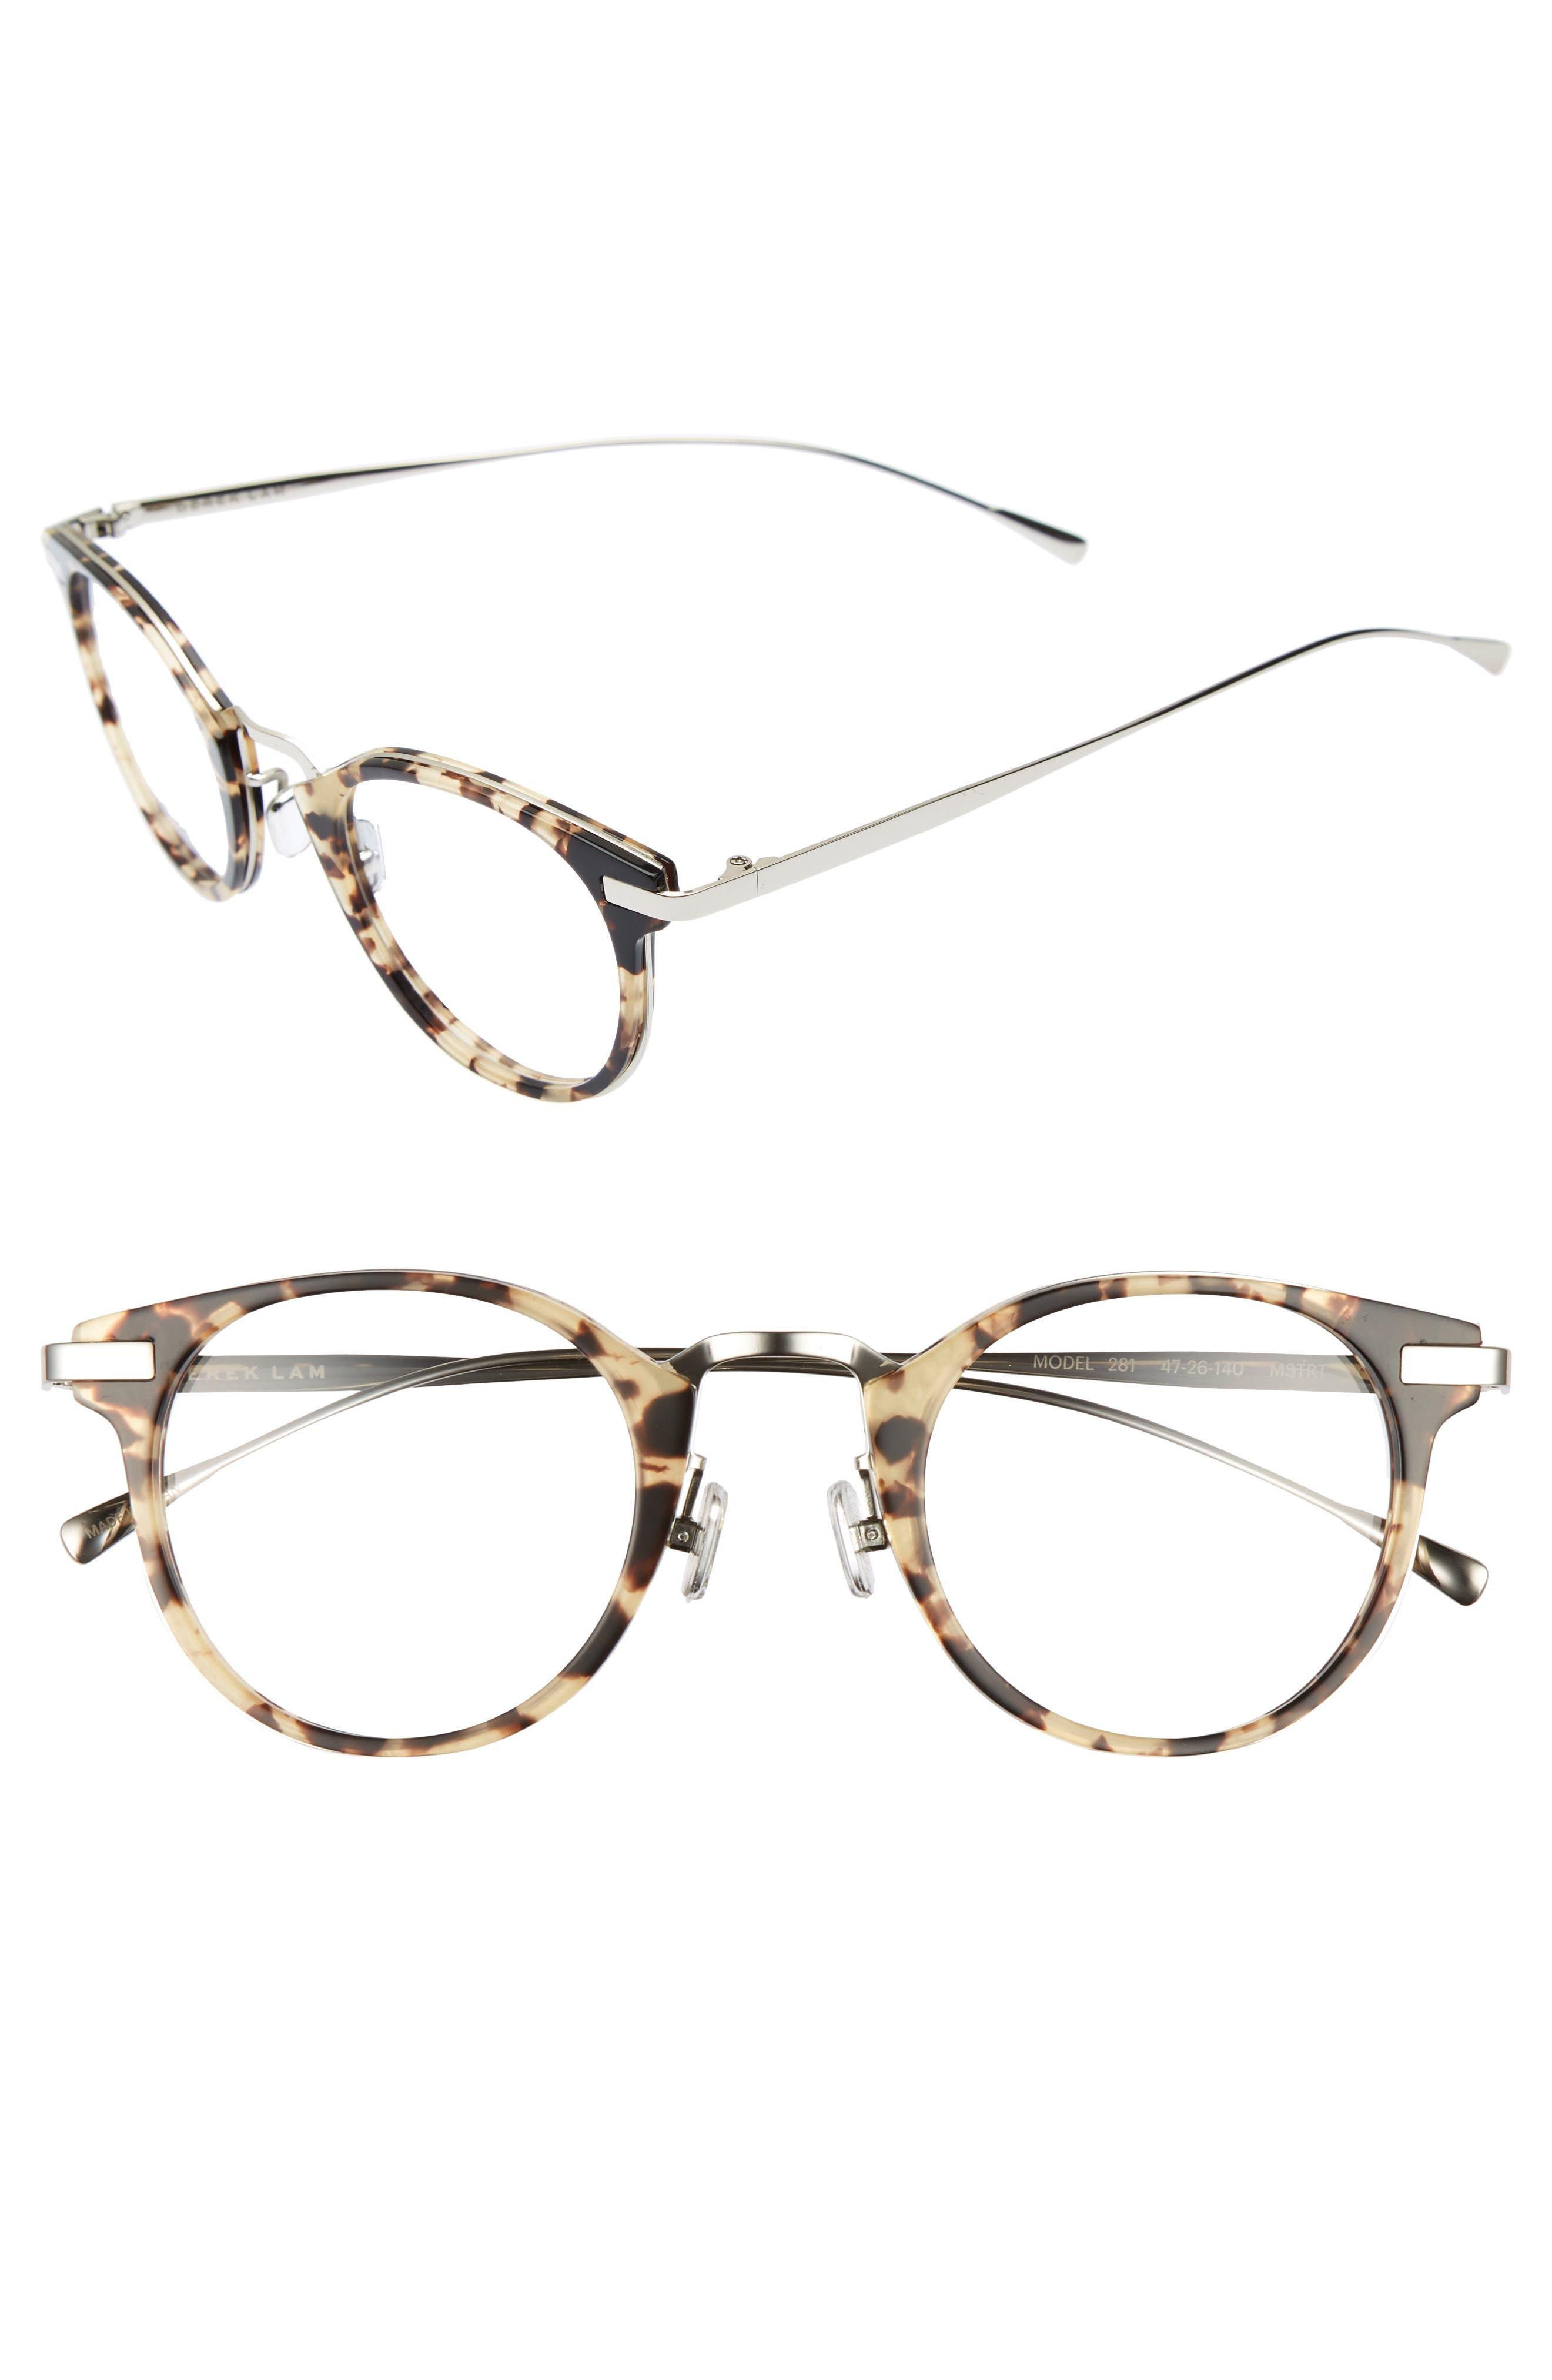 Alternate Image 1 Selected - Derek Lam 47mm Optical Glasses